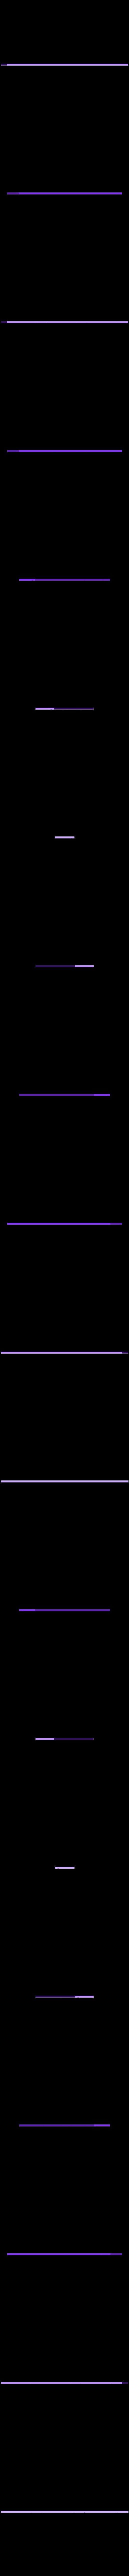 traineau porte encen final percé.stl Download free STL file christmas incense holder / porte-encens • 3D printable model, Motek3D